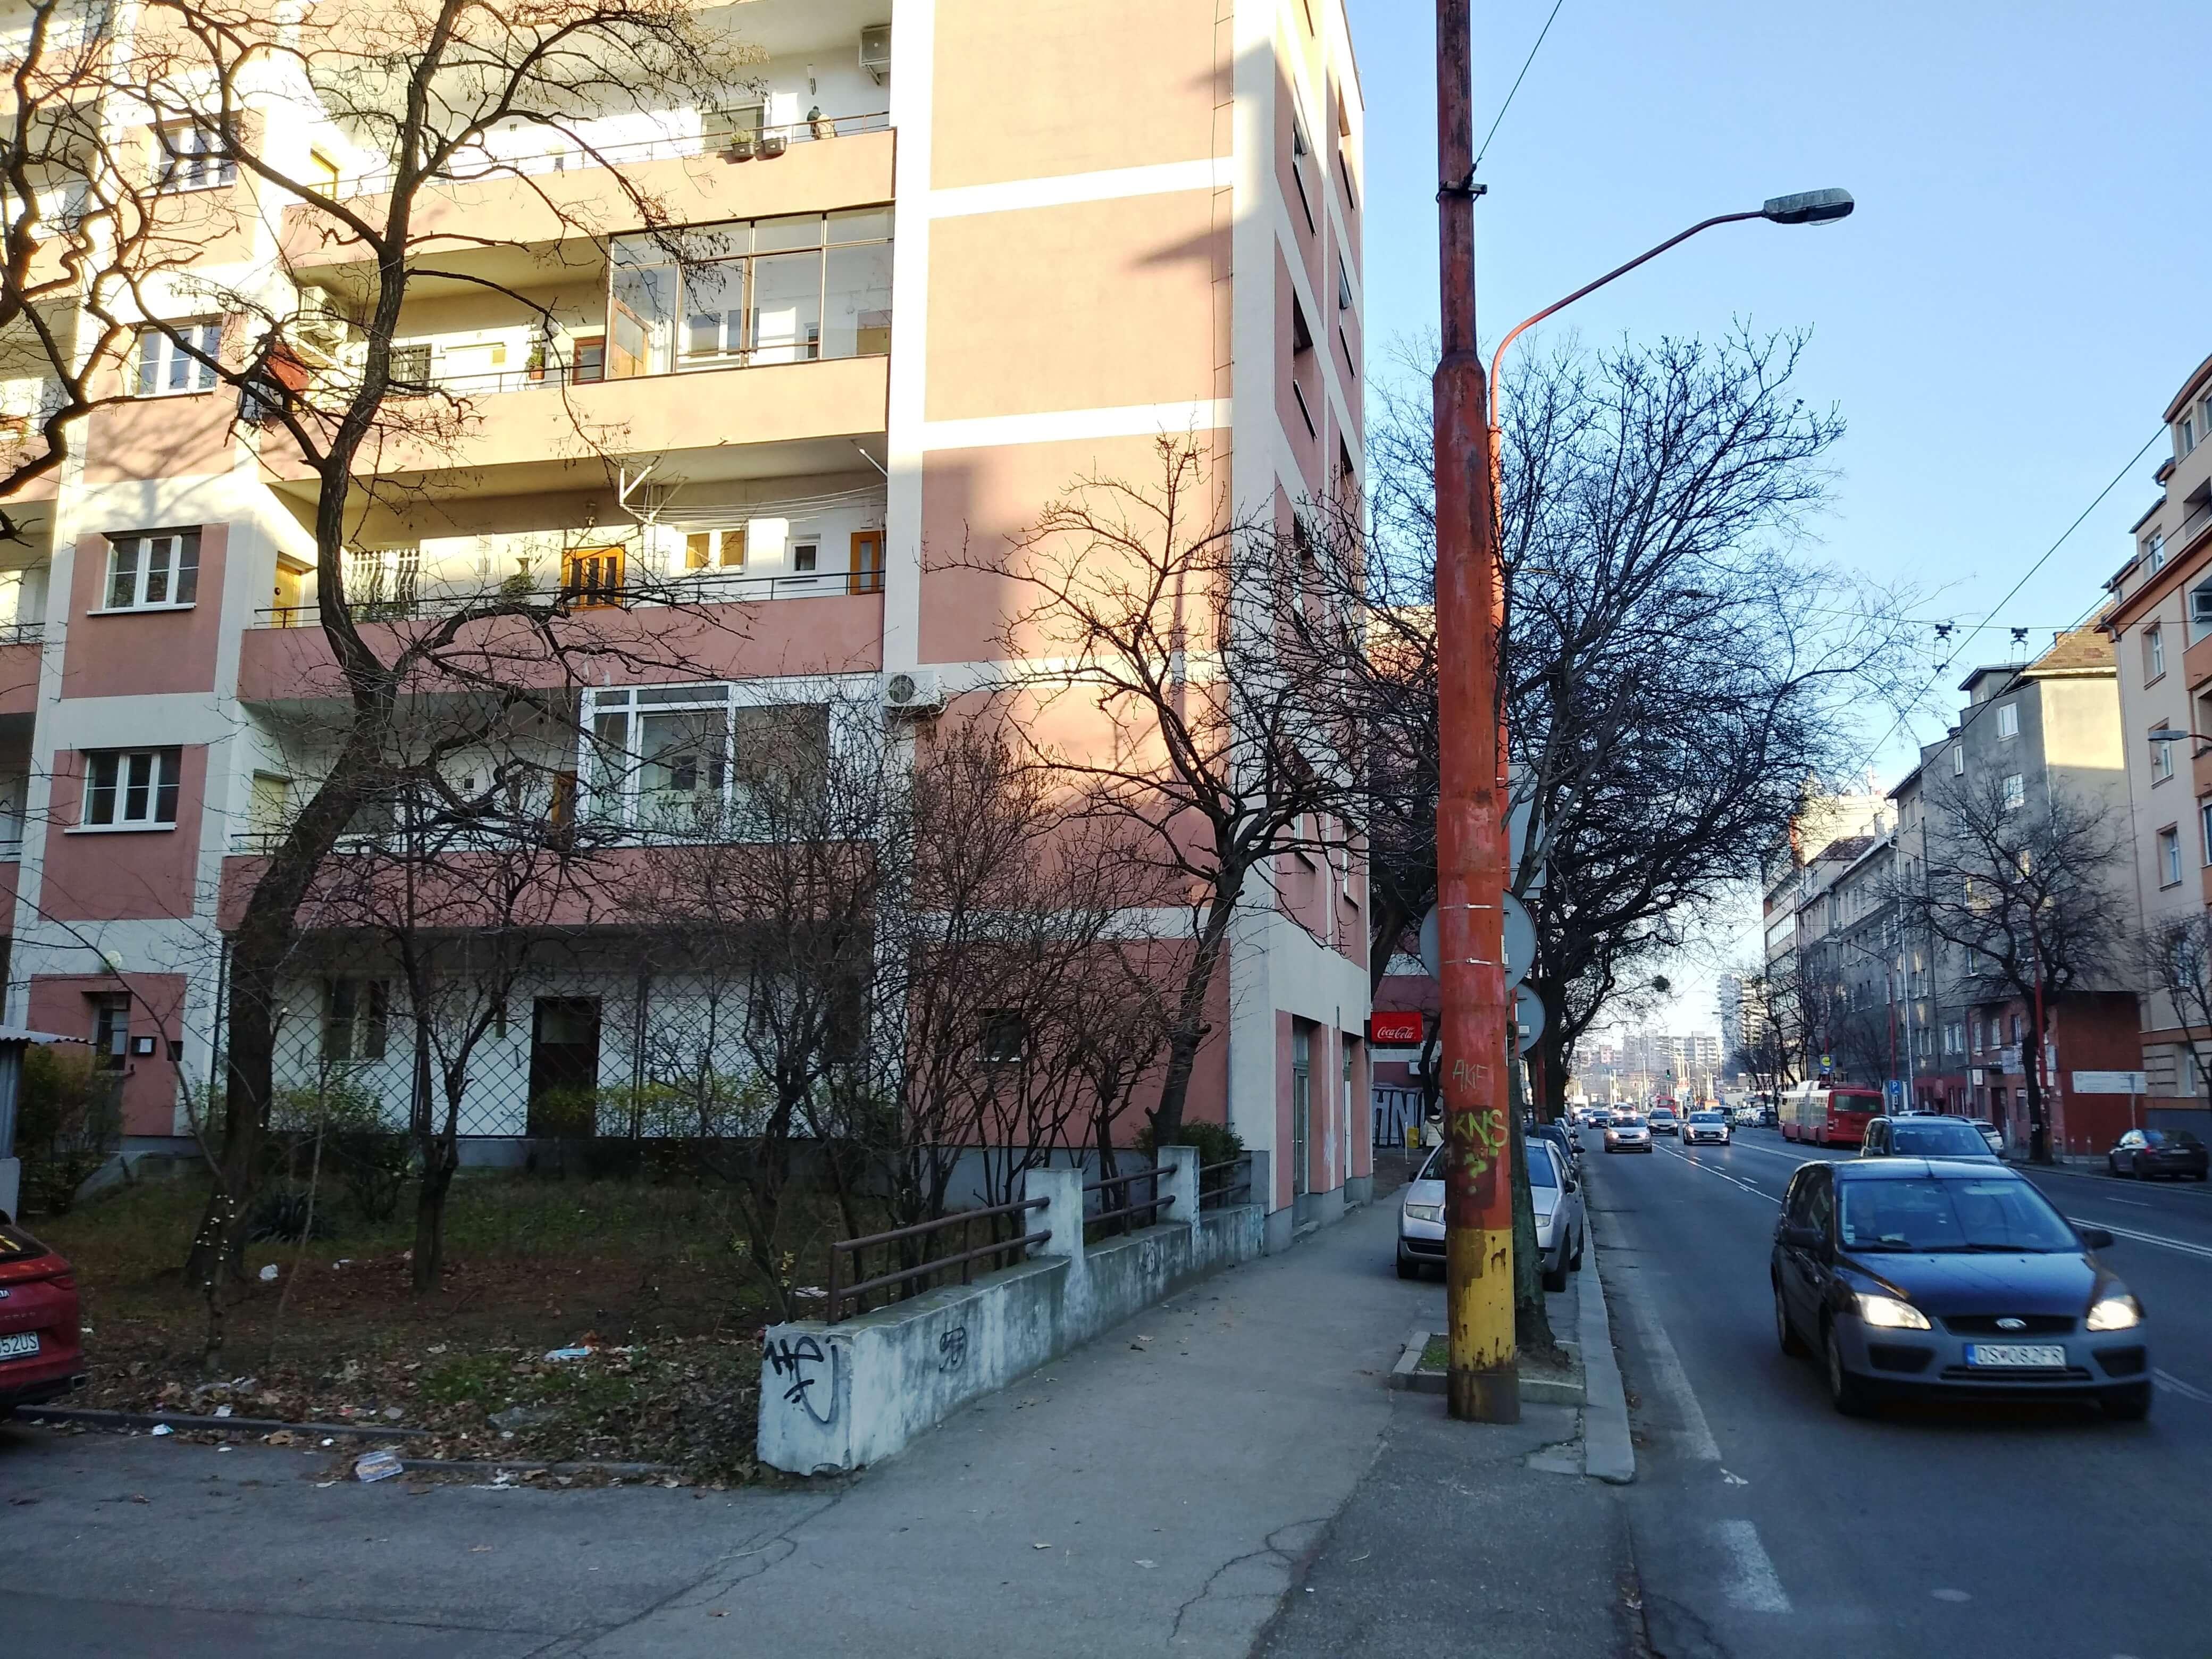 Prenájom jednej izby v 2 izb. byte, staré mesto, Šancová ulica, Bratislava, 80m2, zariadený-35